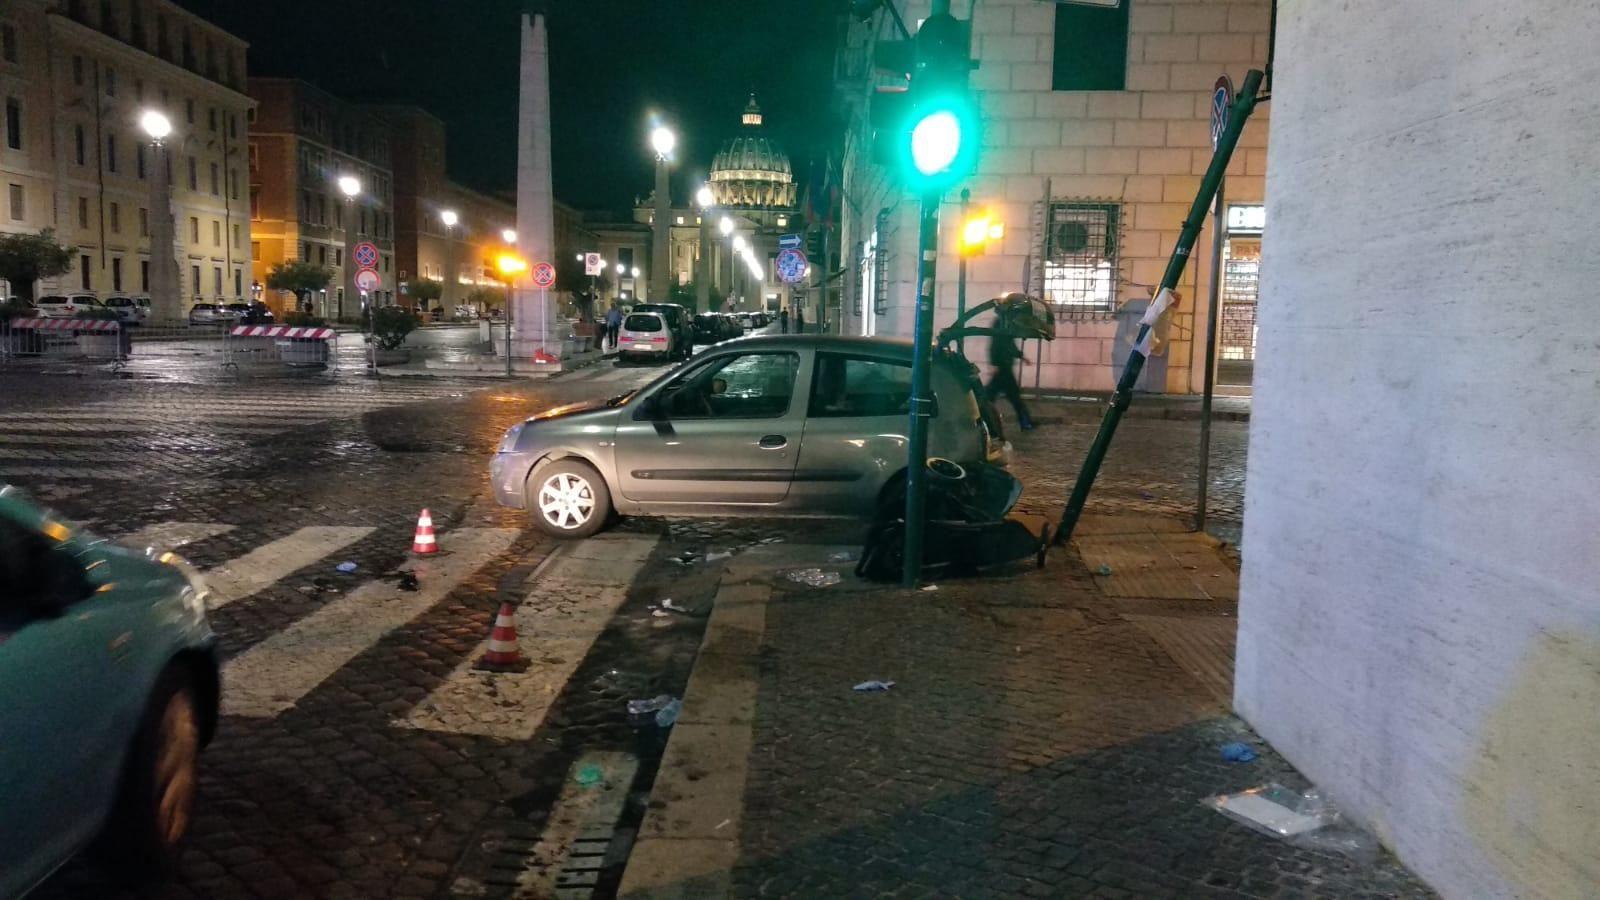 Auto su pedoni vicino a San Pietro : 5 feriti, tre sono bambini